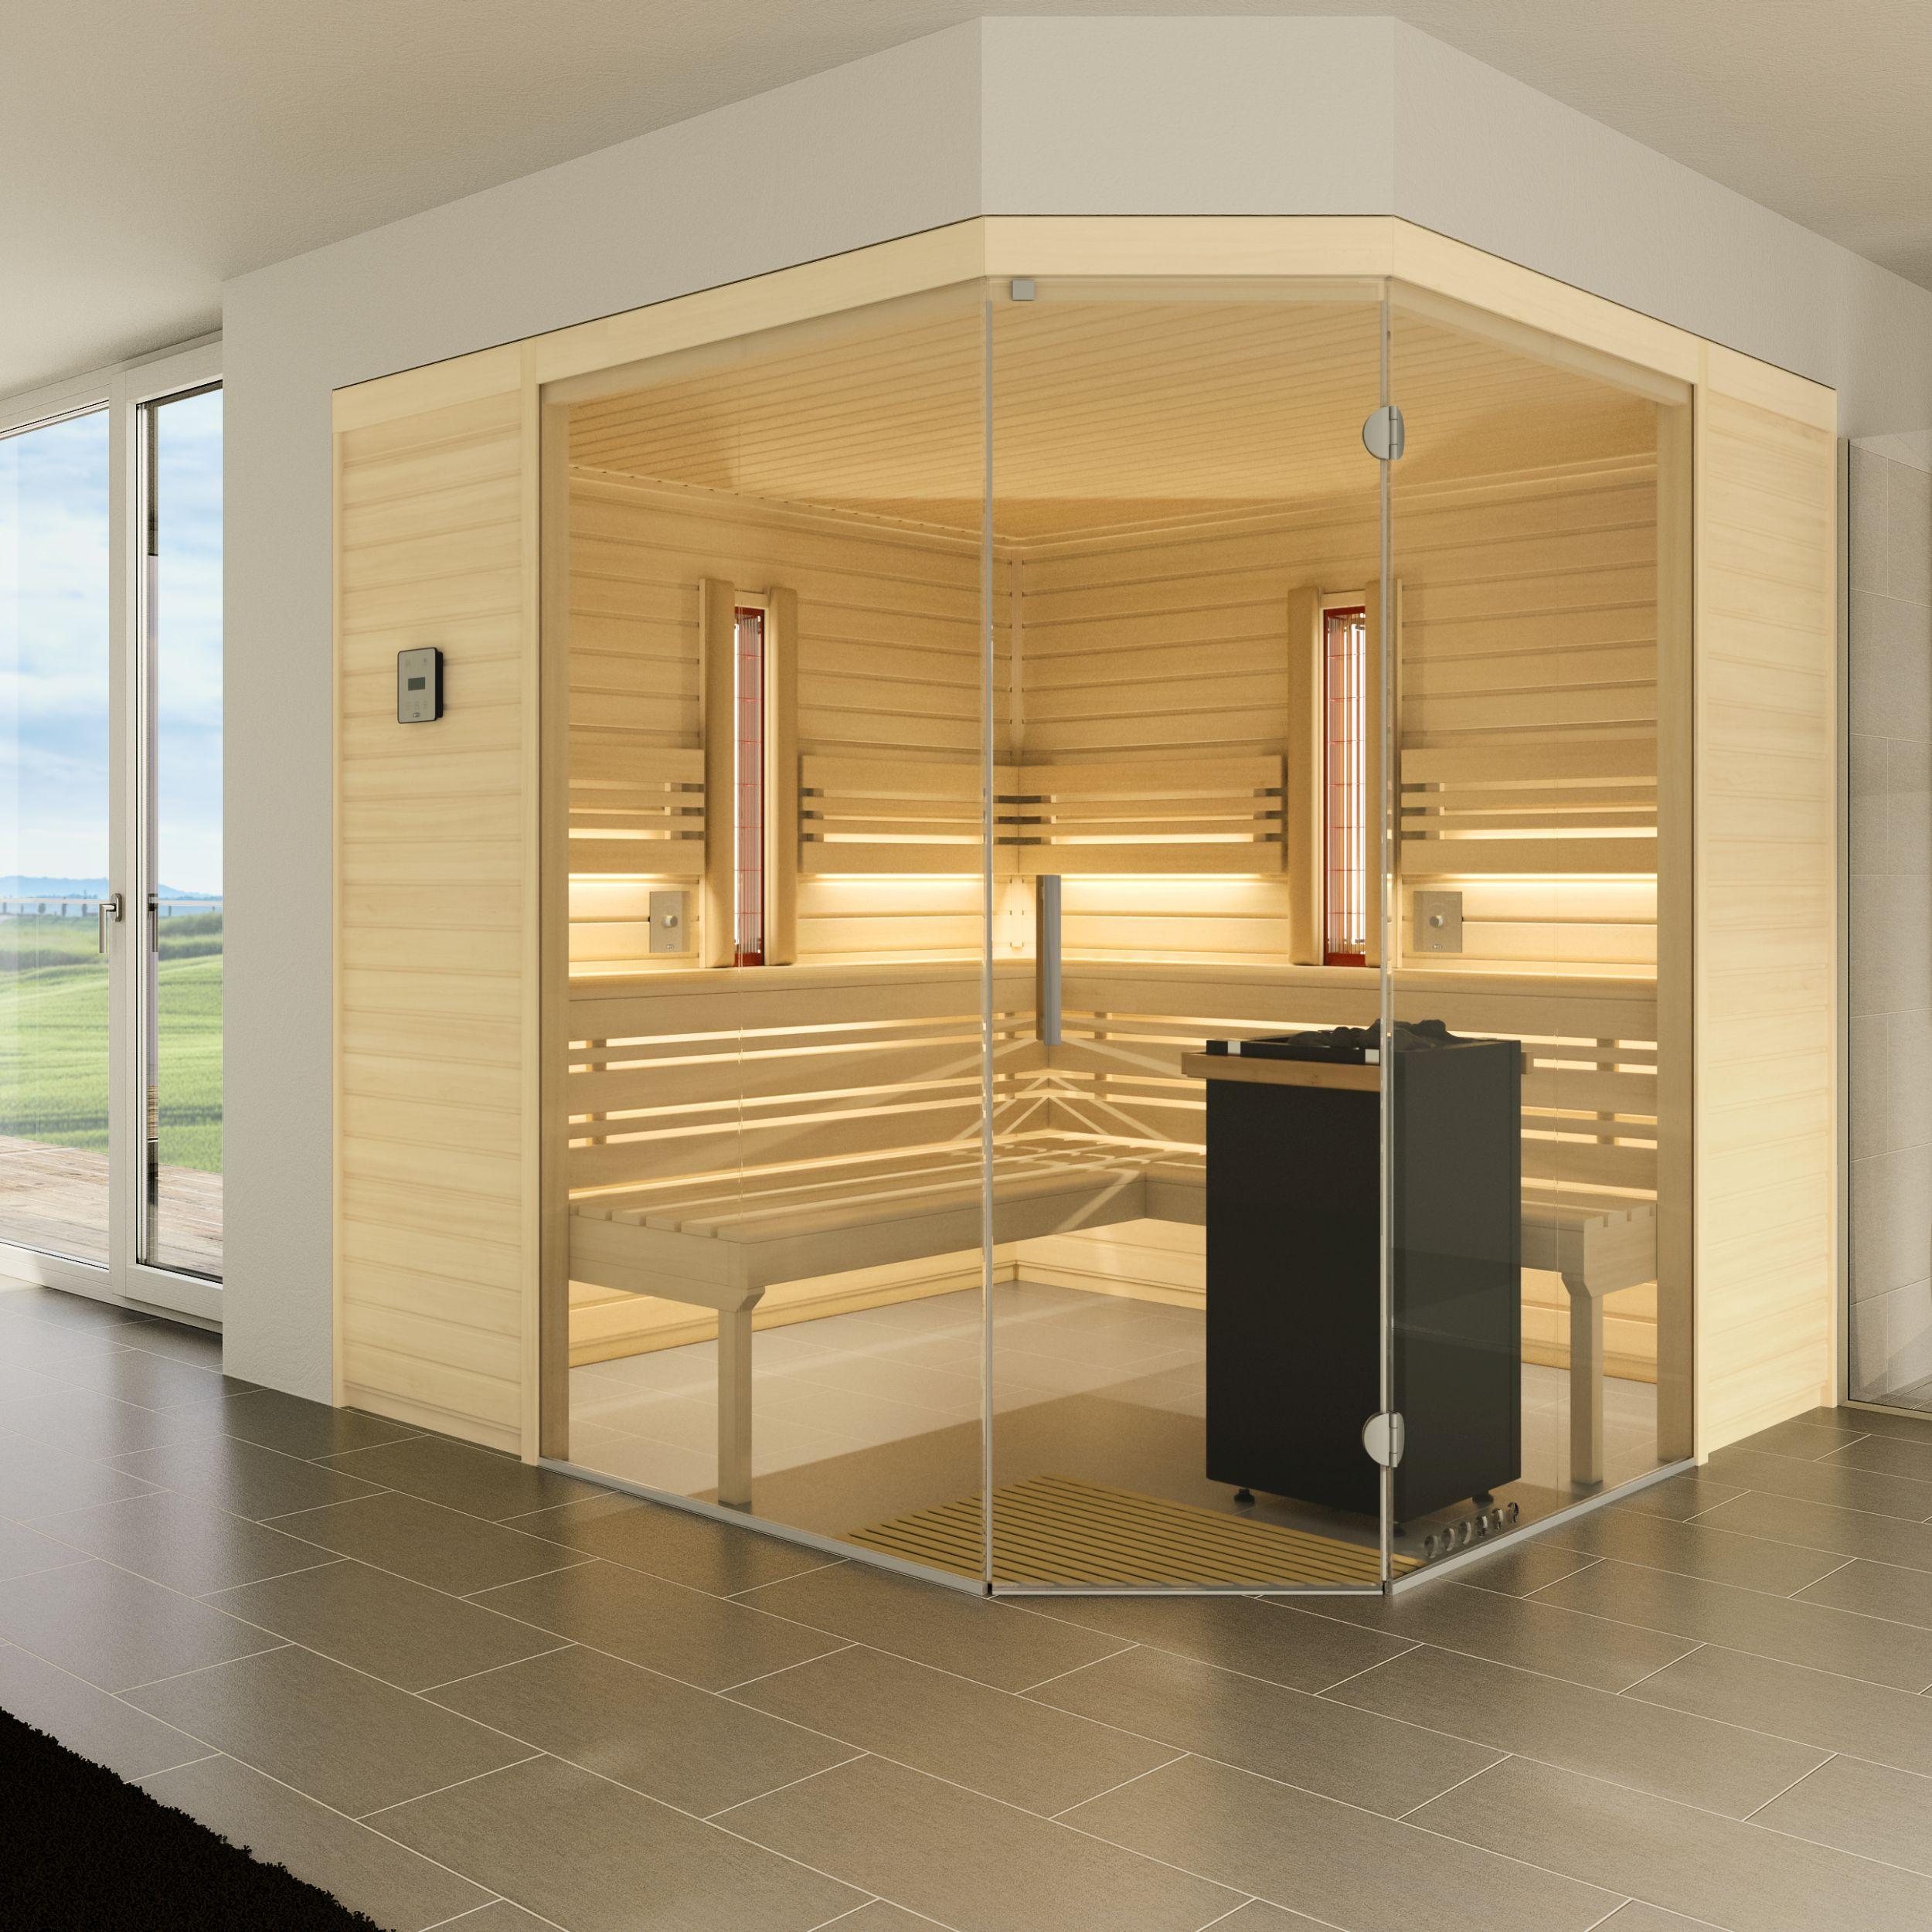 Full Size of Außensauna Wandaufbau Infraworld Sauna Infrarot Erleben Sie Wohltuende Kraft Der Wrme Wohnzimmer Außensauna Wandaufbau